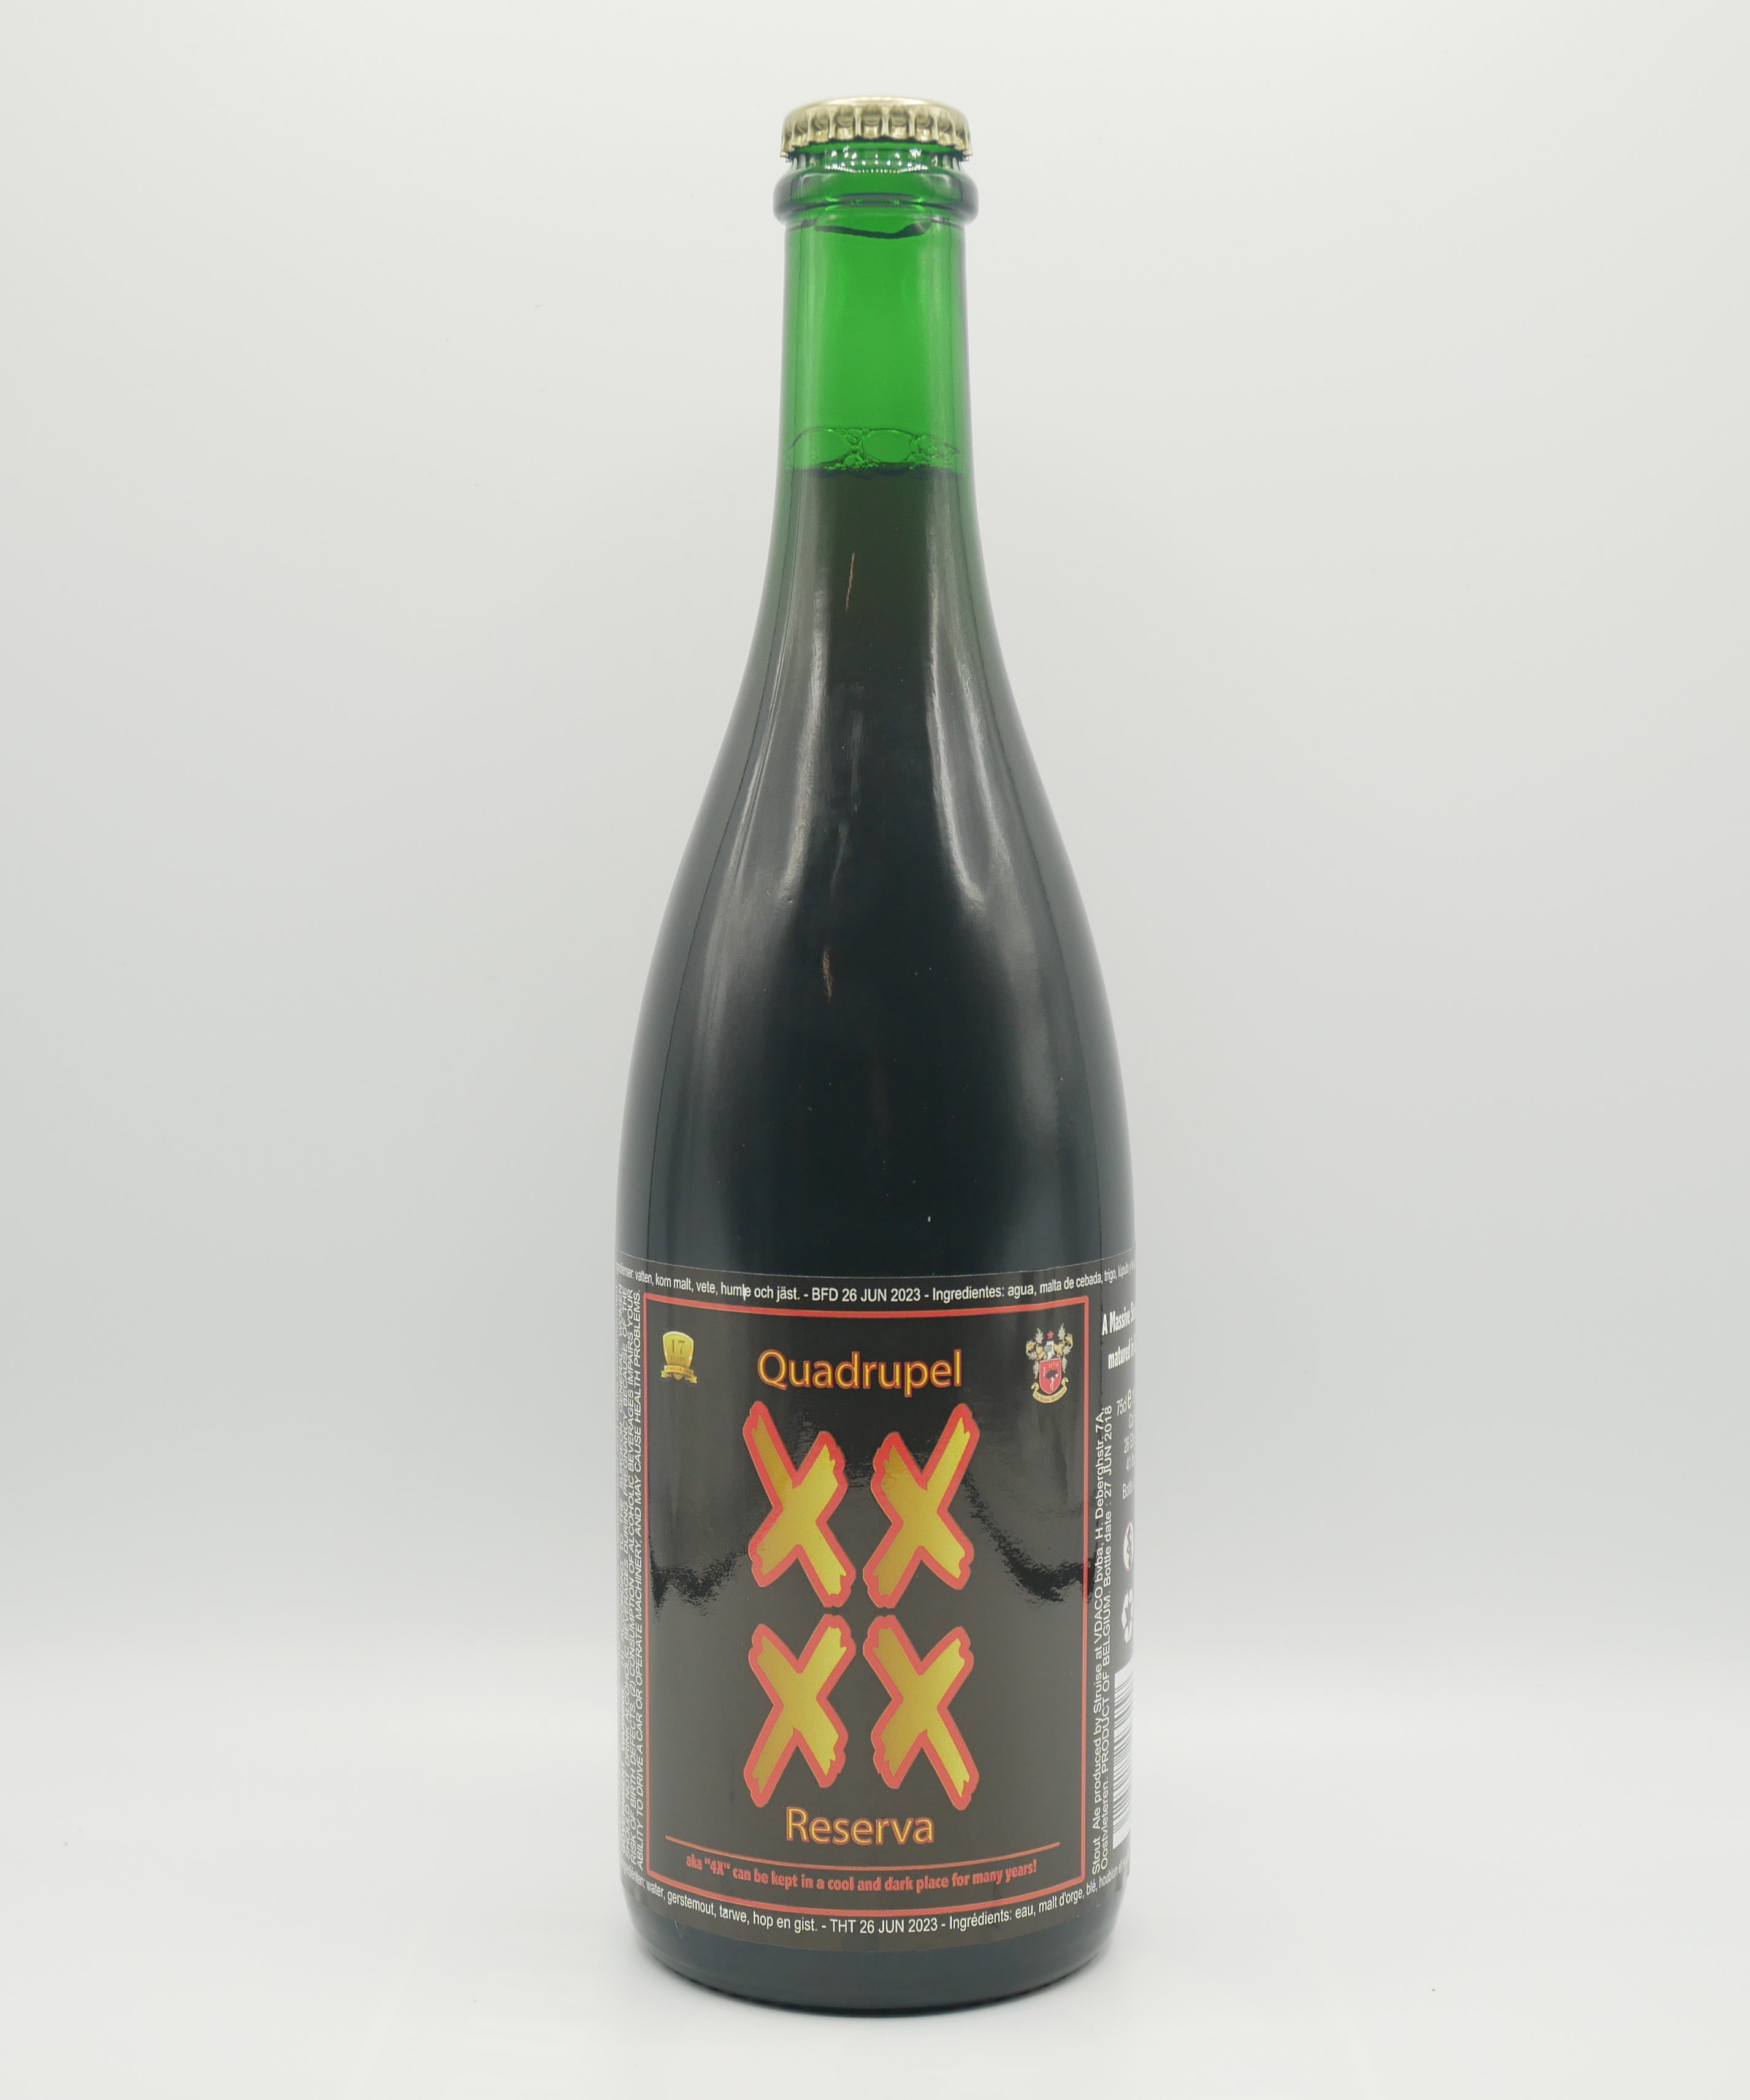 Img Xxxx Reserva Rum 75cl